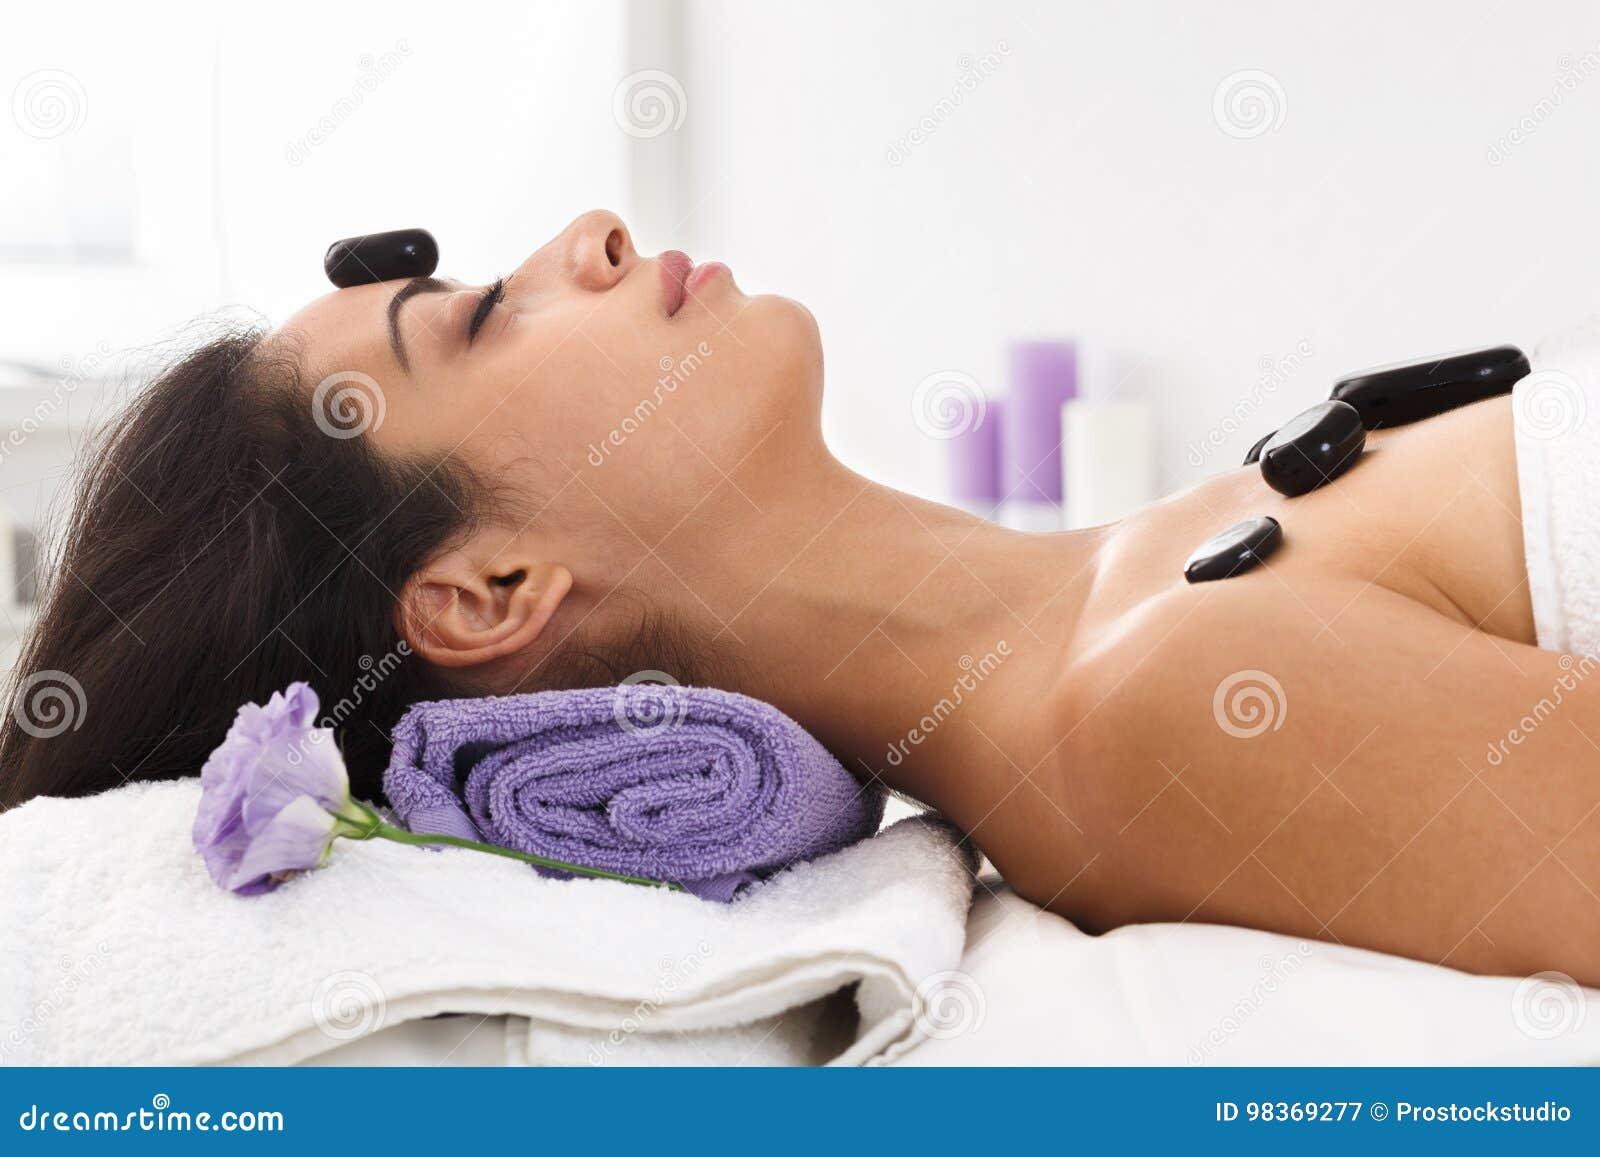 Девушка у массажиста в кабинете, порно предметы в жопе глубоко